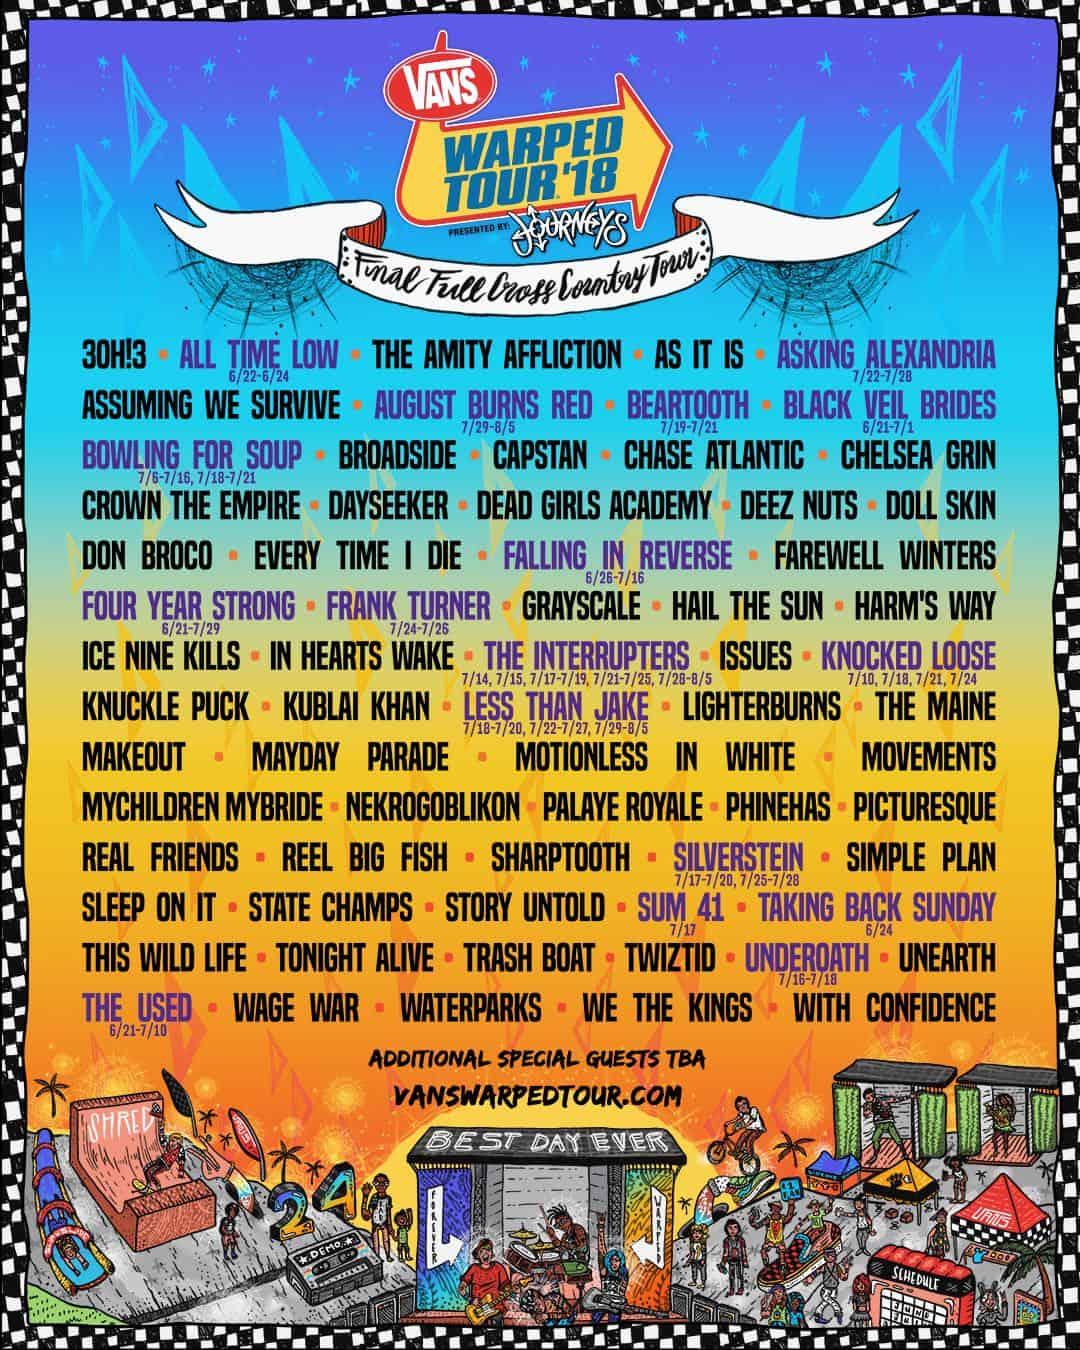 2018-Vans-Warped-Tour-Poster